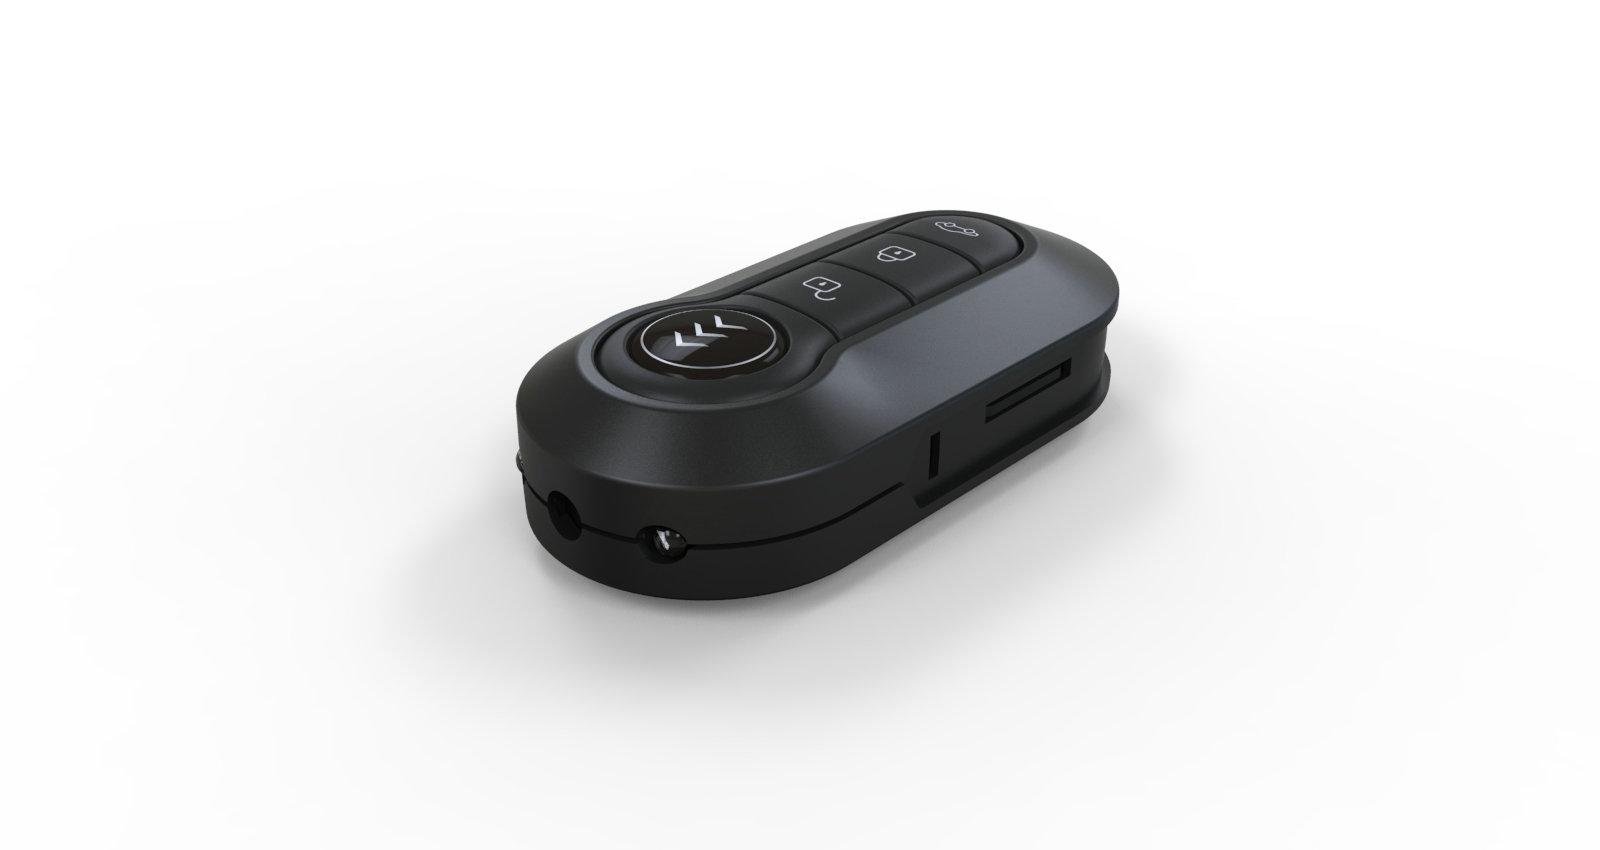 低价批发供应车钥匙高清摄像机无线车钥匙遥控器摄像机价格